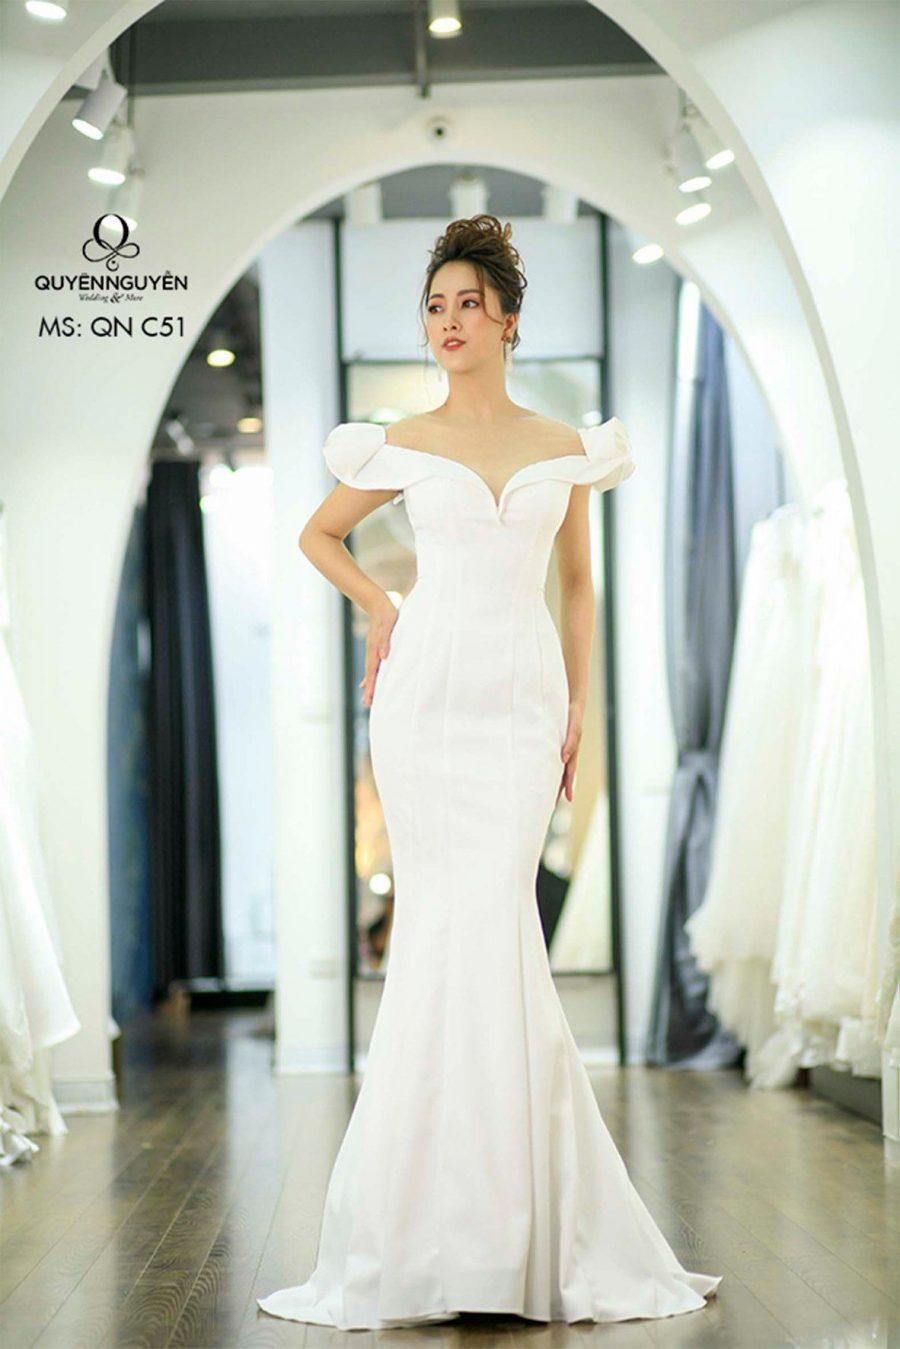 6 mẫu váy cưới đuôi cá đẹp nhất 2020 cho cô dâu